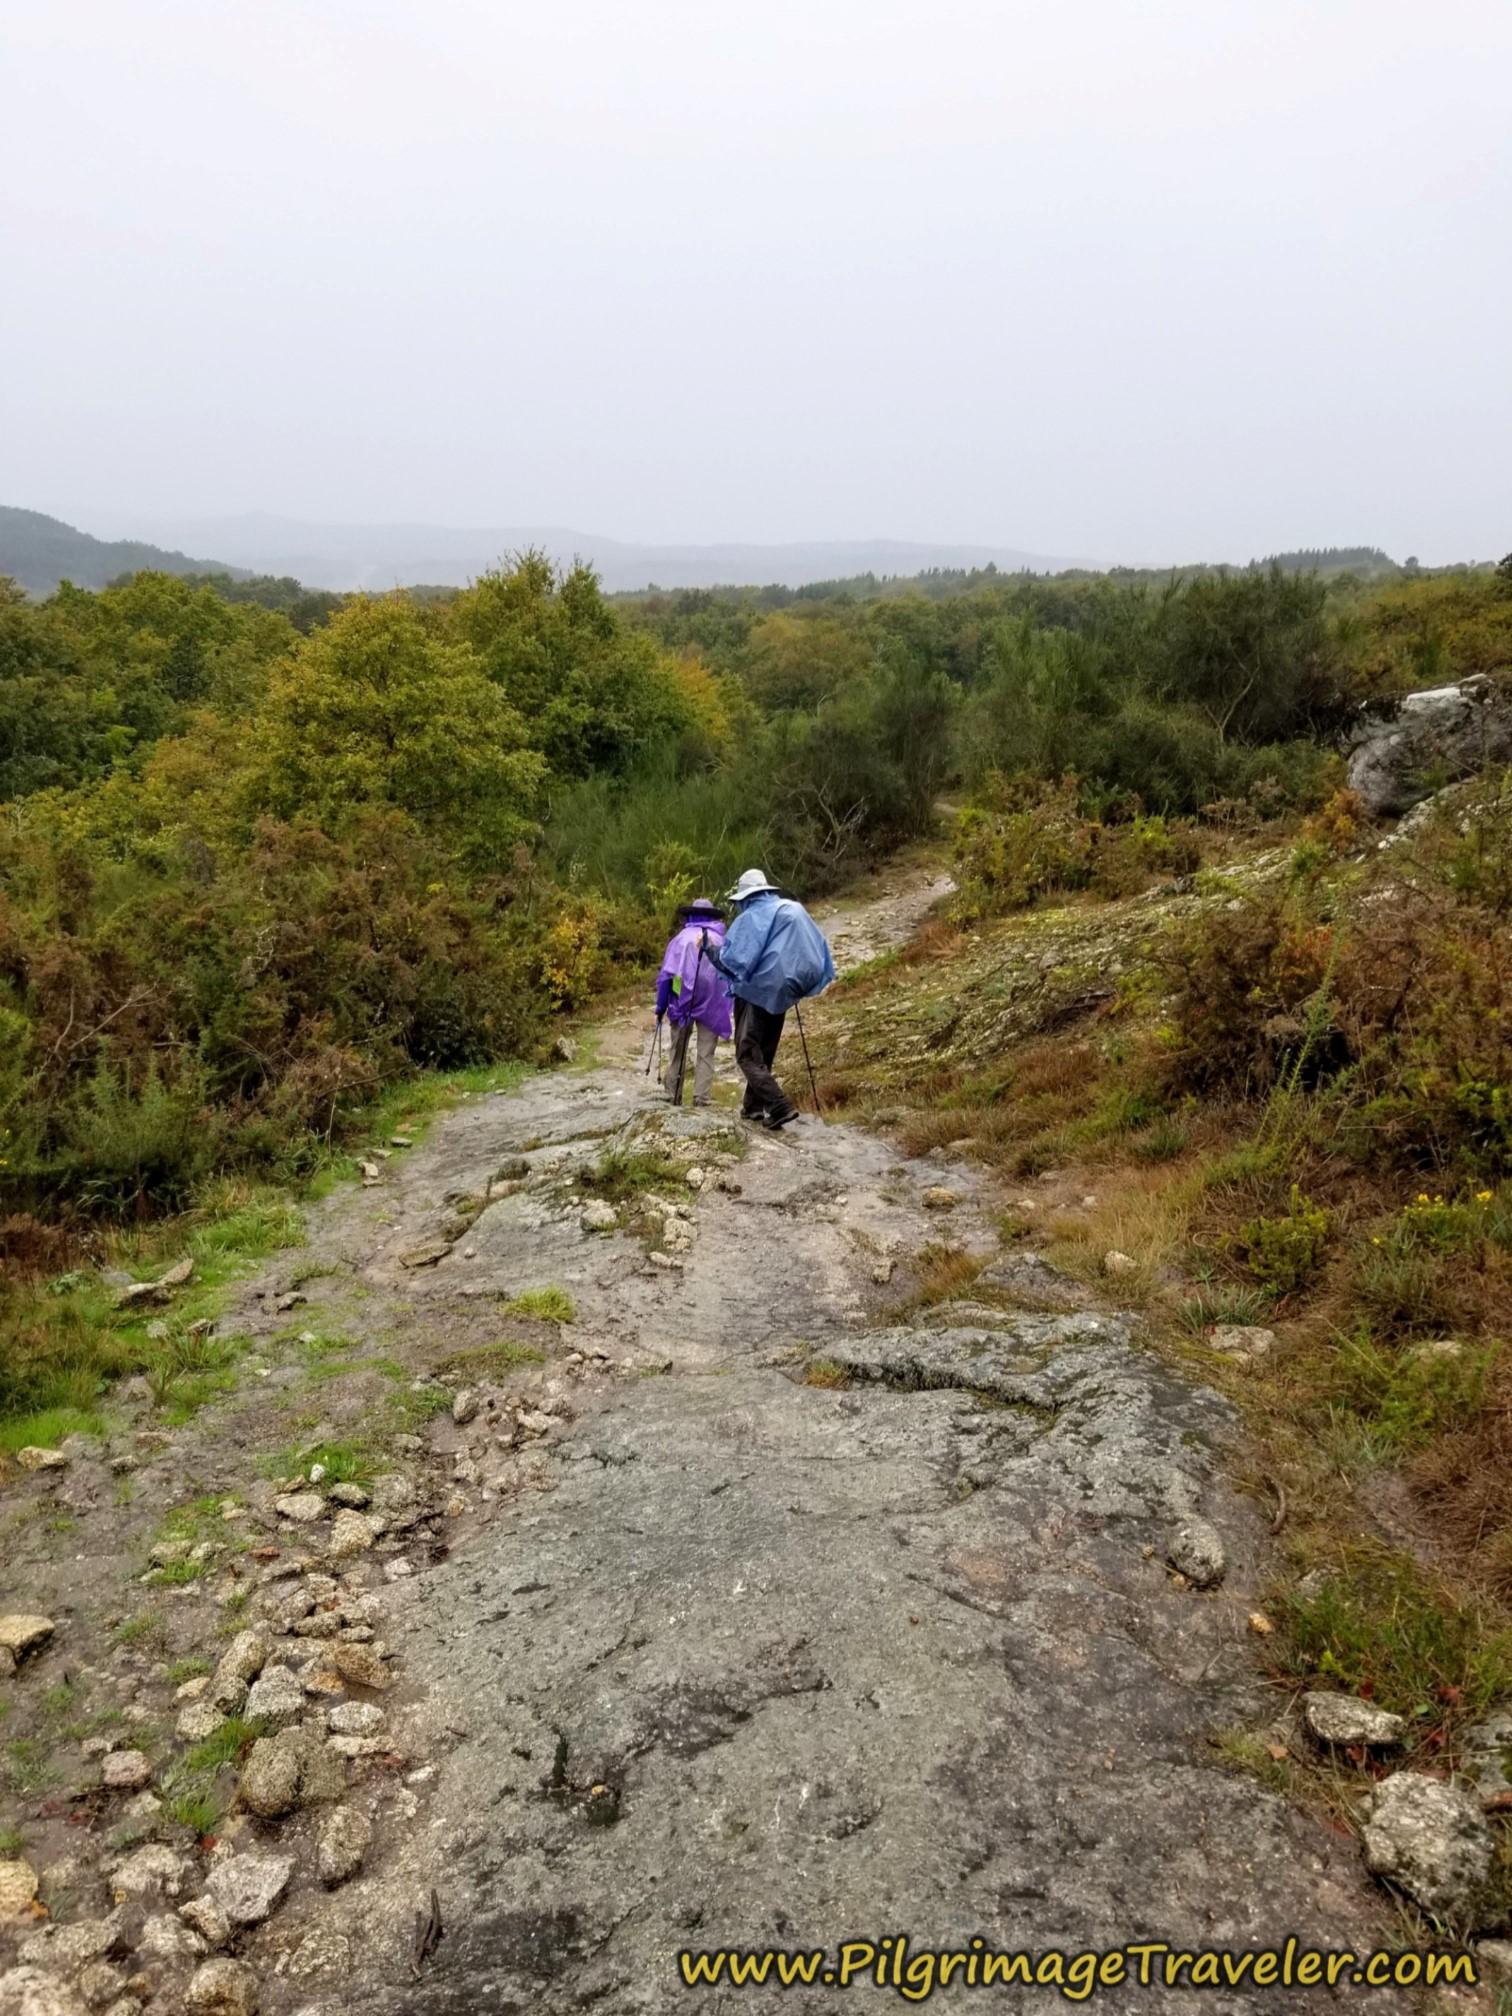 Slippery Rocks, Camino Sanabrés, Vilar de Barrio to Xunqueira de Ambía